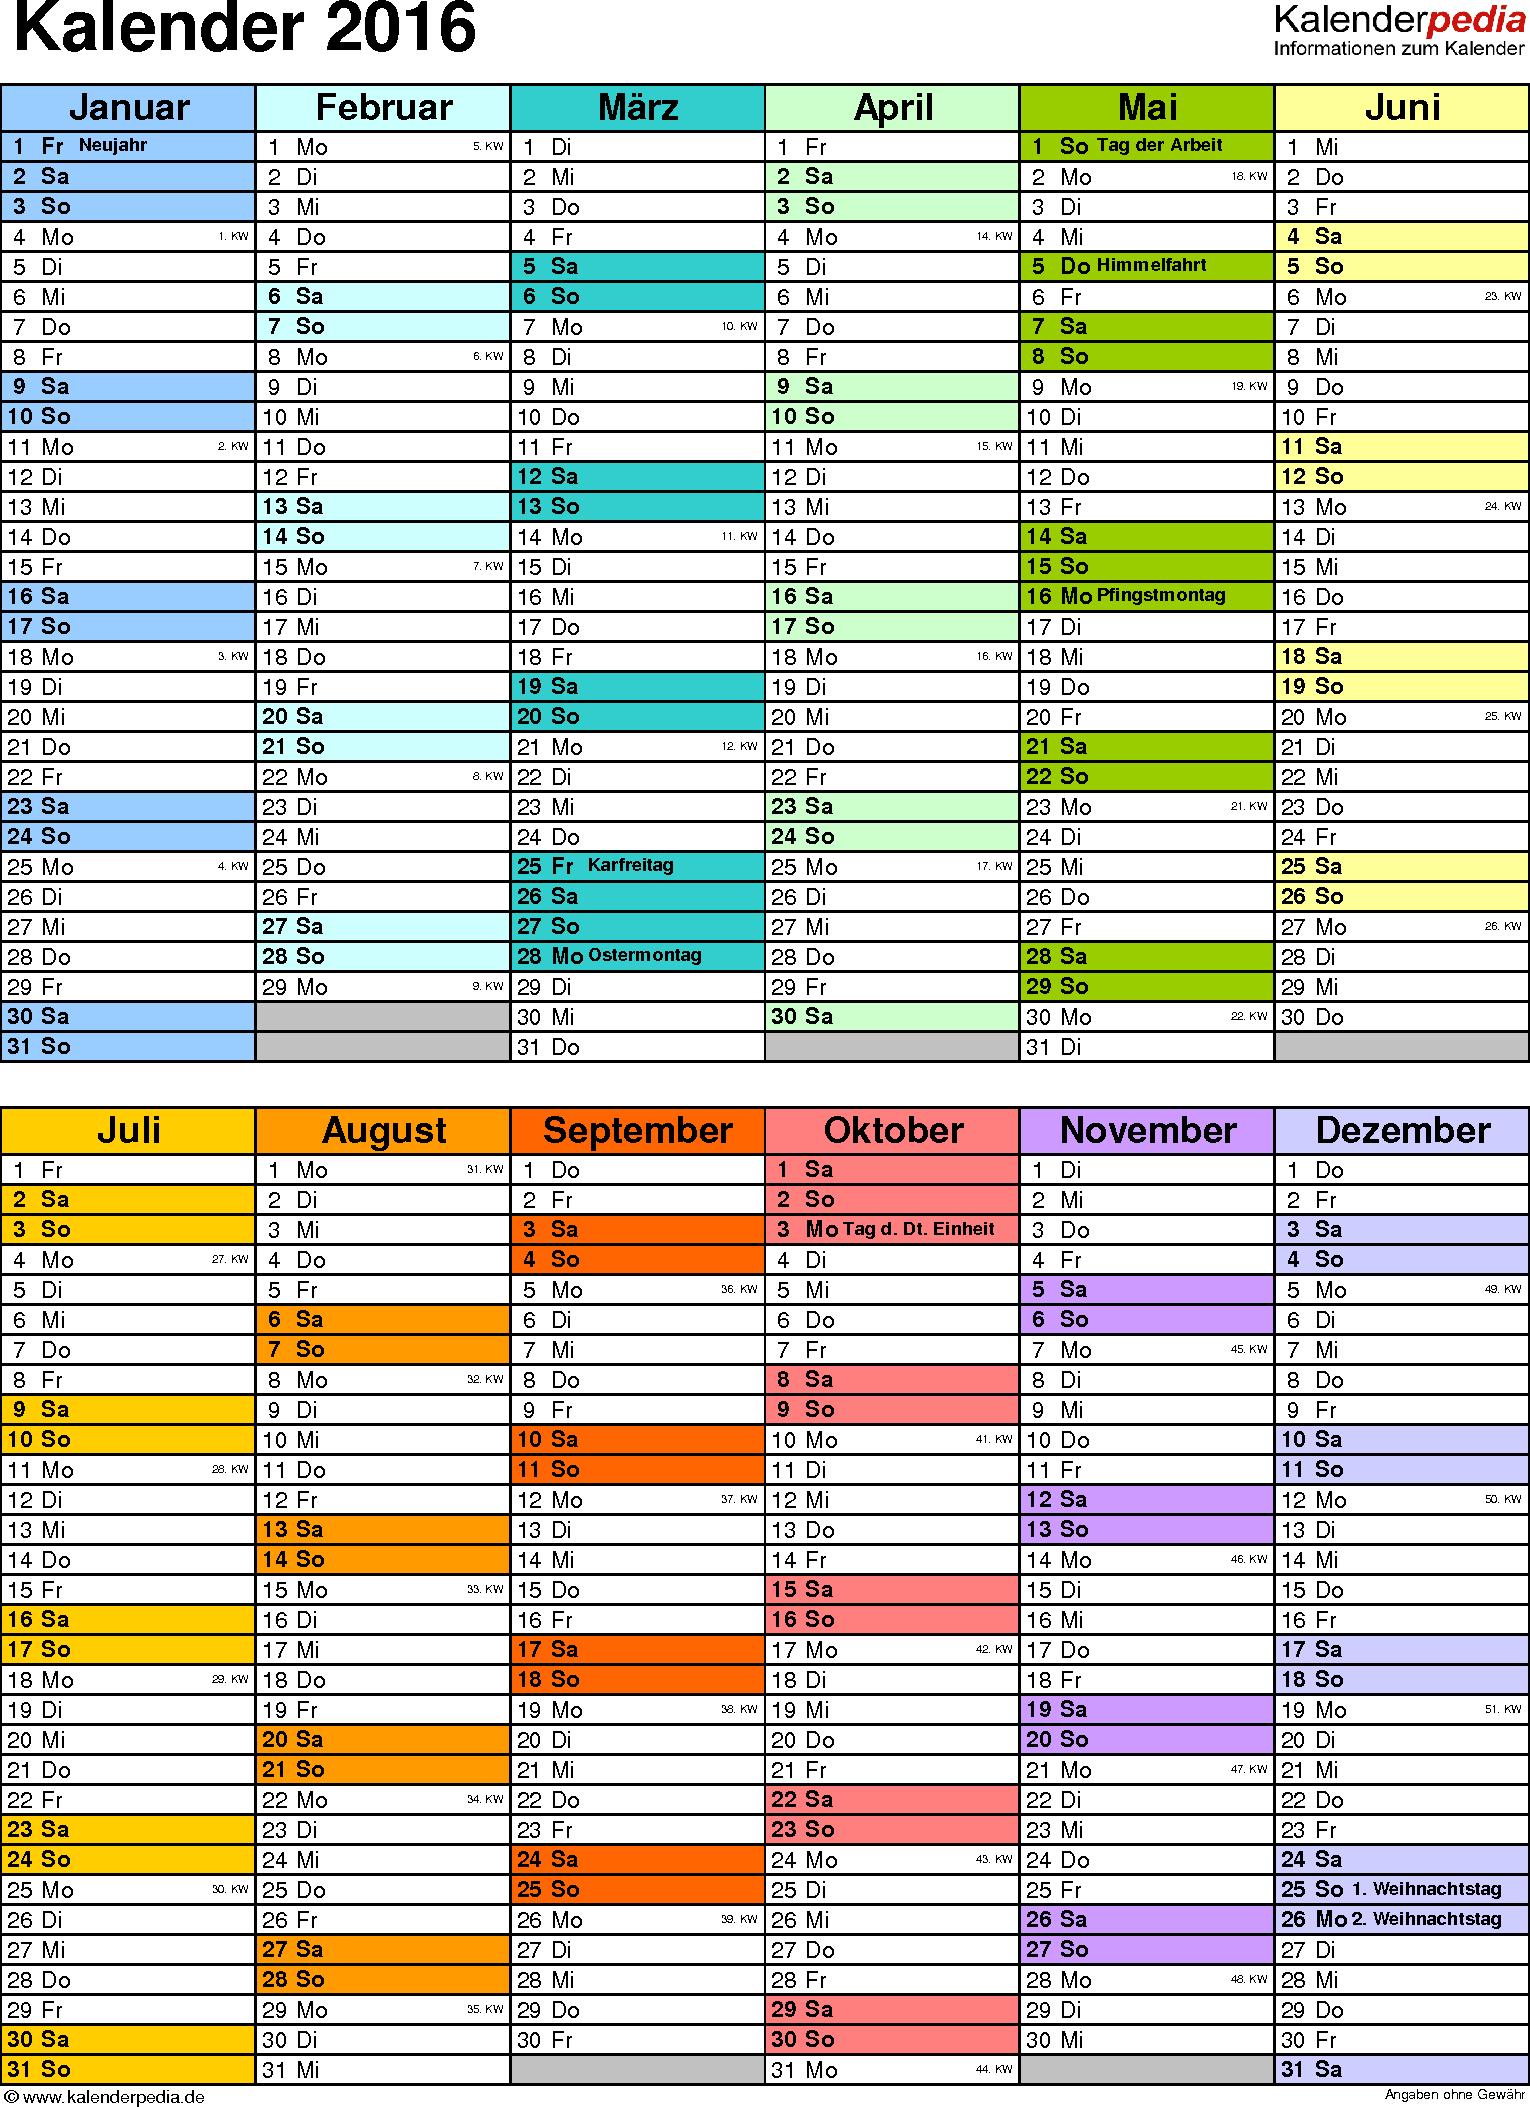 Vorlage 9: Kalender 2016 für Excel, Hochformat, 1 Seite, in Farbe, nach Jahreshälften untergliedert